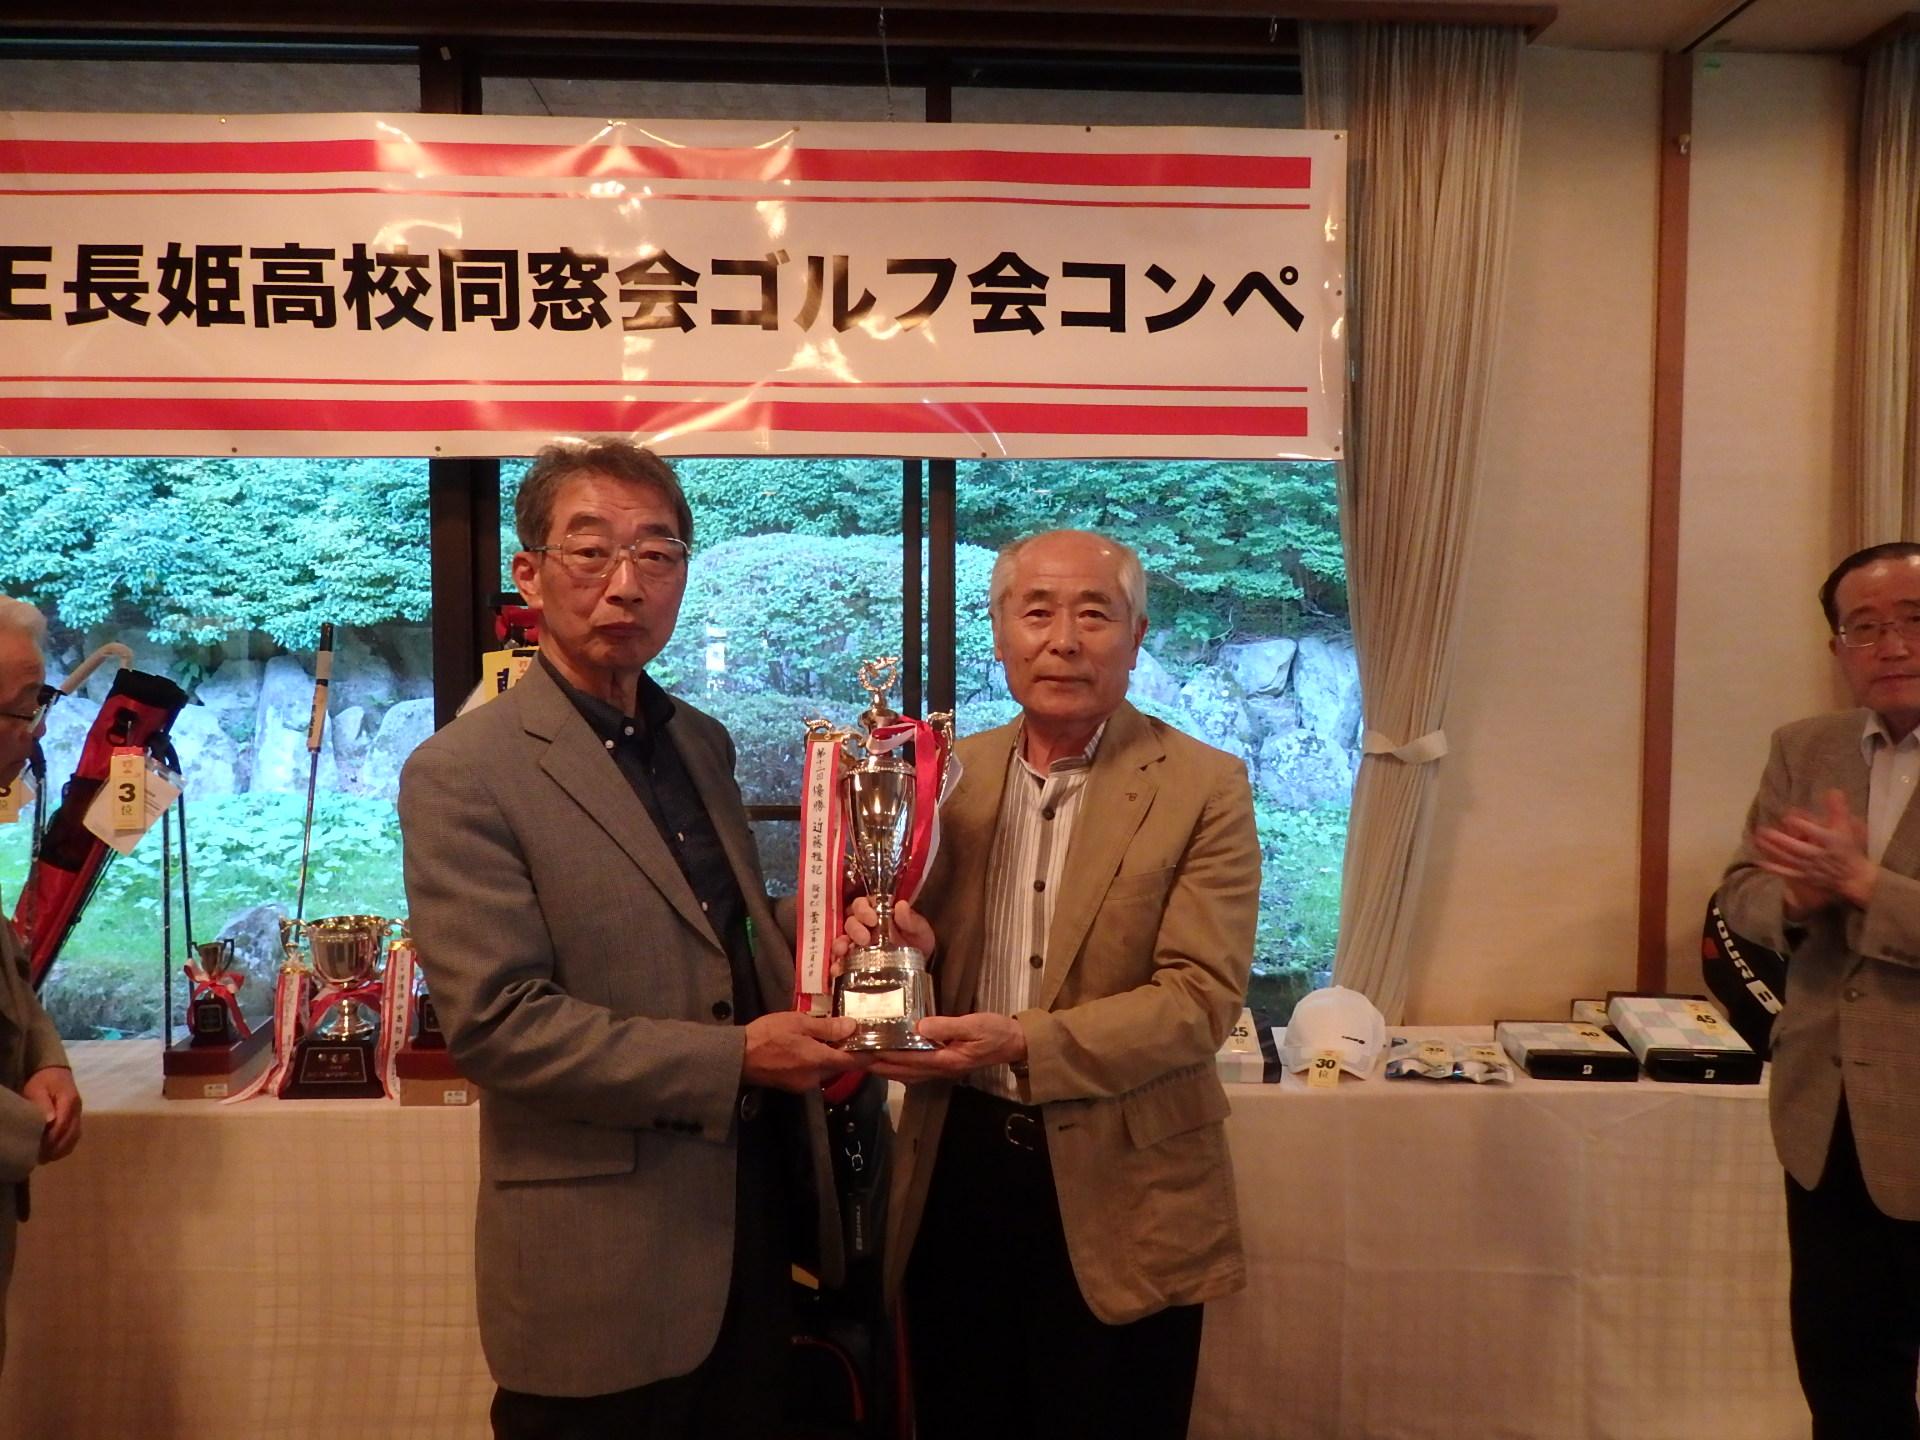 グランドシニアの部優勝 小川 光春さん(右)LYMPUS DIGITAL CAMERA